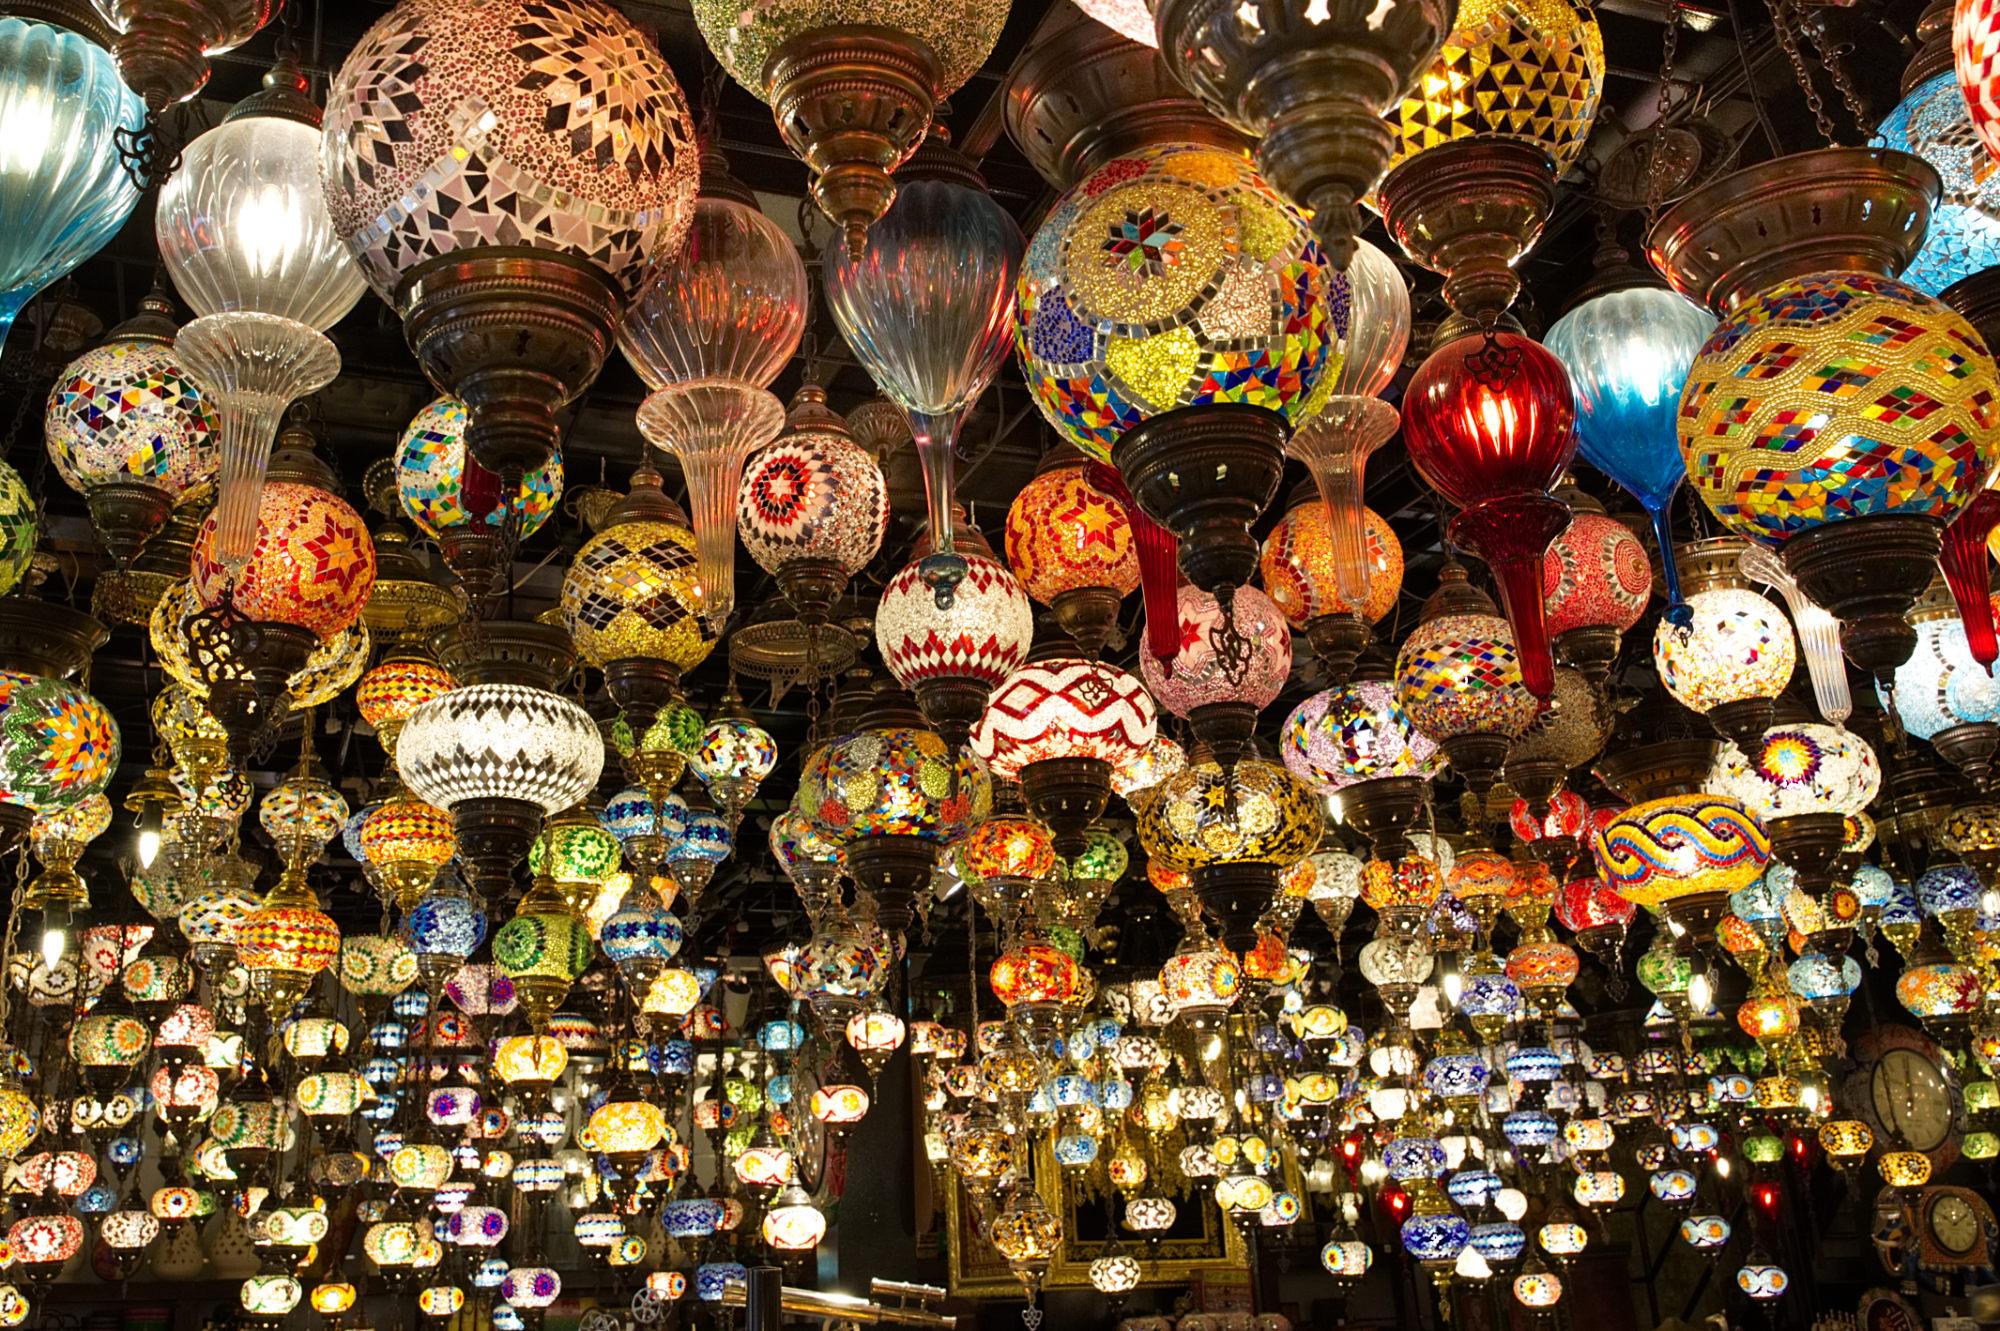 Lampenladen im Souk von Bahrain